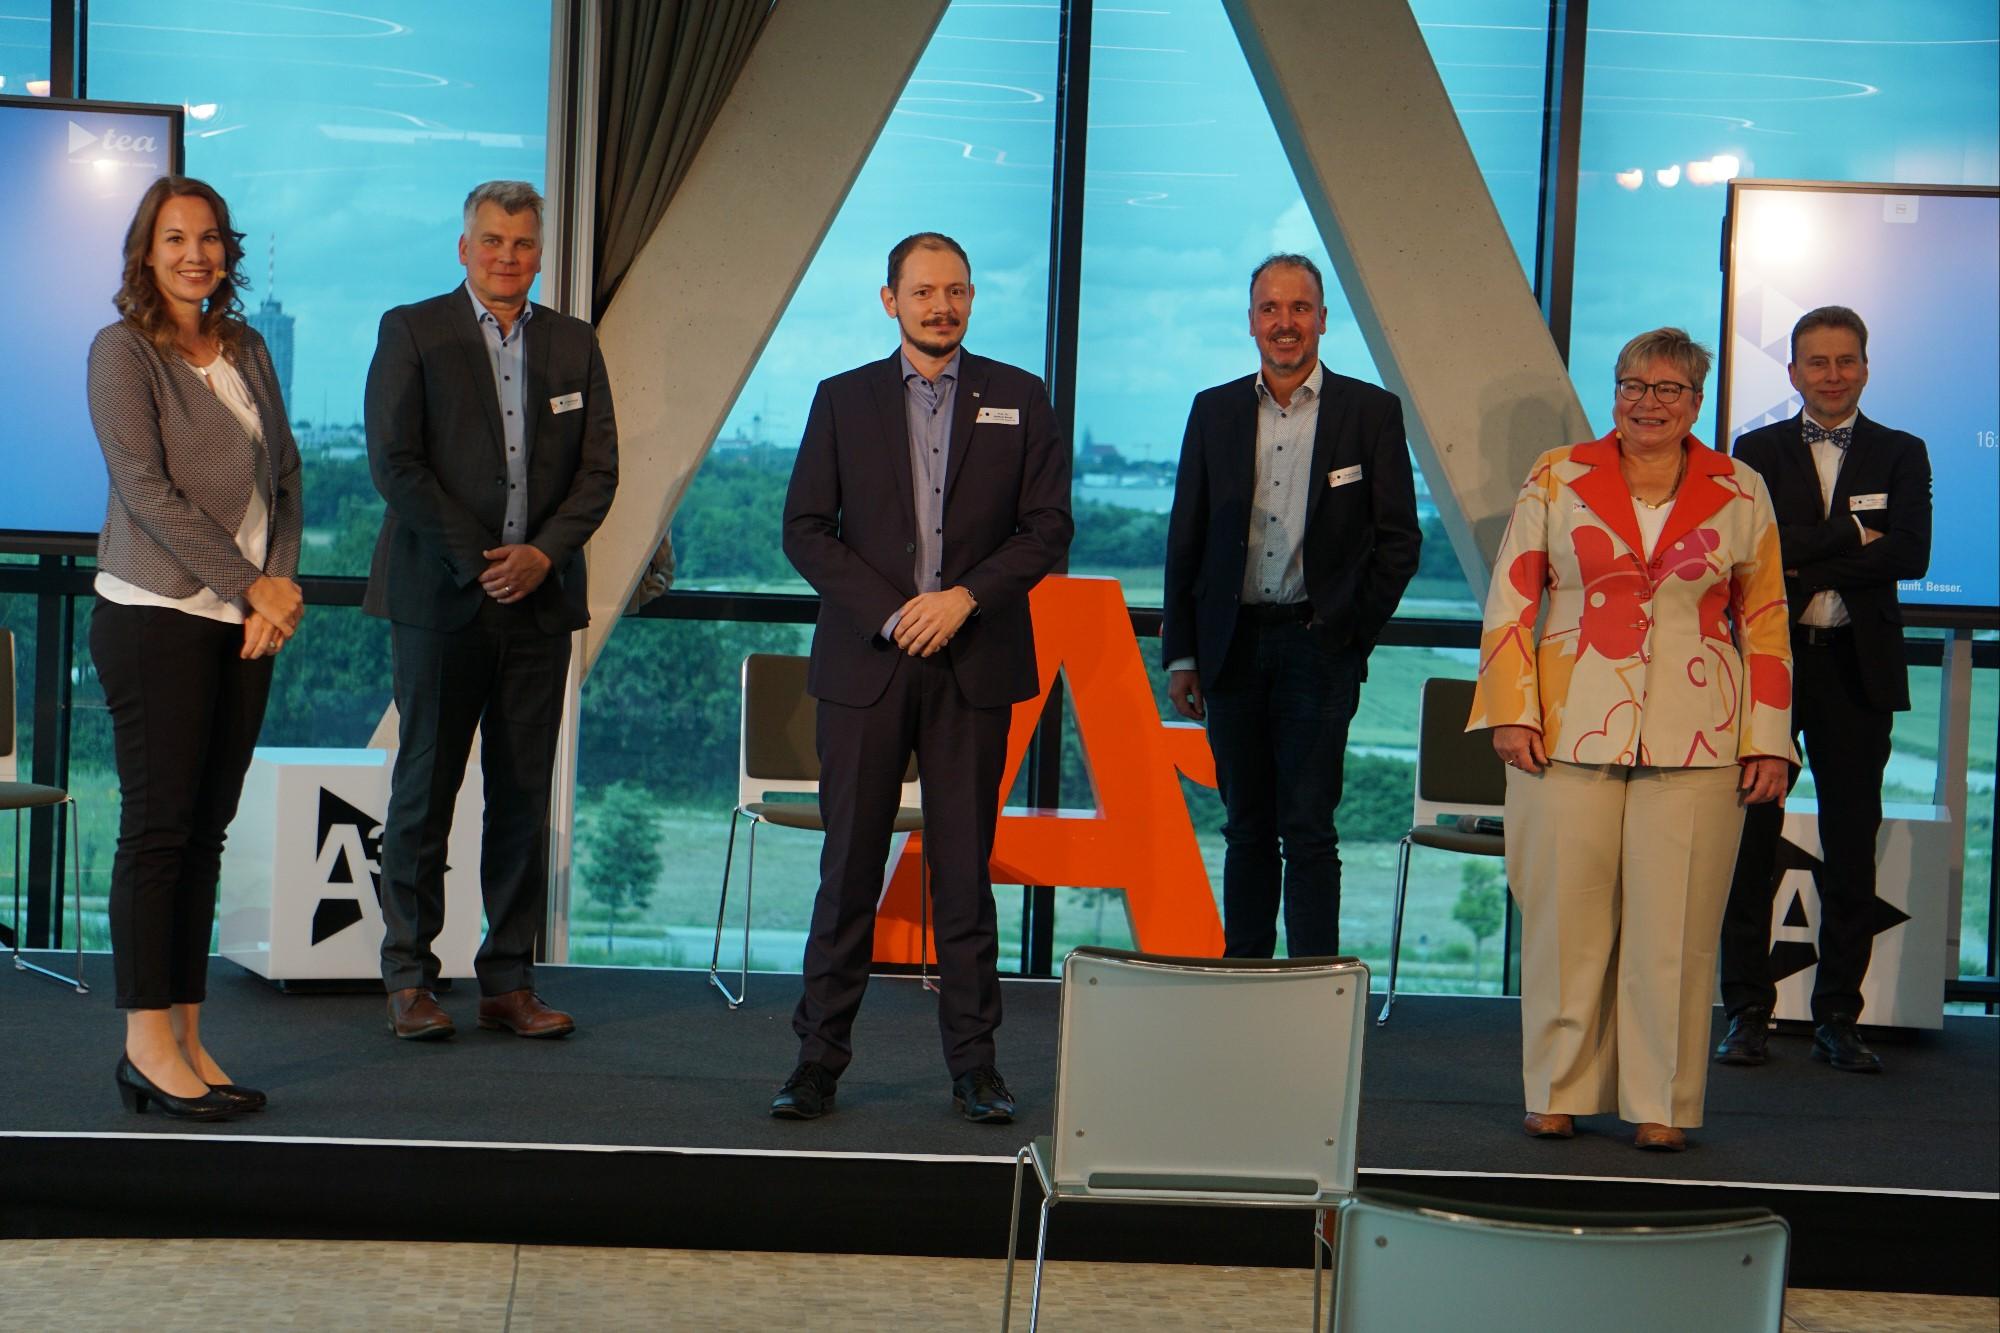 Podiumsdiskussion Innovation A³: Zukunftspersperktiven: Andrea Wenzel, Dr. Ralf Koeppe, Prof. Dr. Markus Sause, Stefan Schimpfle, Prof. Dr. Martina Schraudner, Wolfgang Hehl